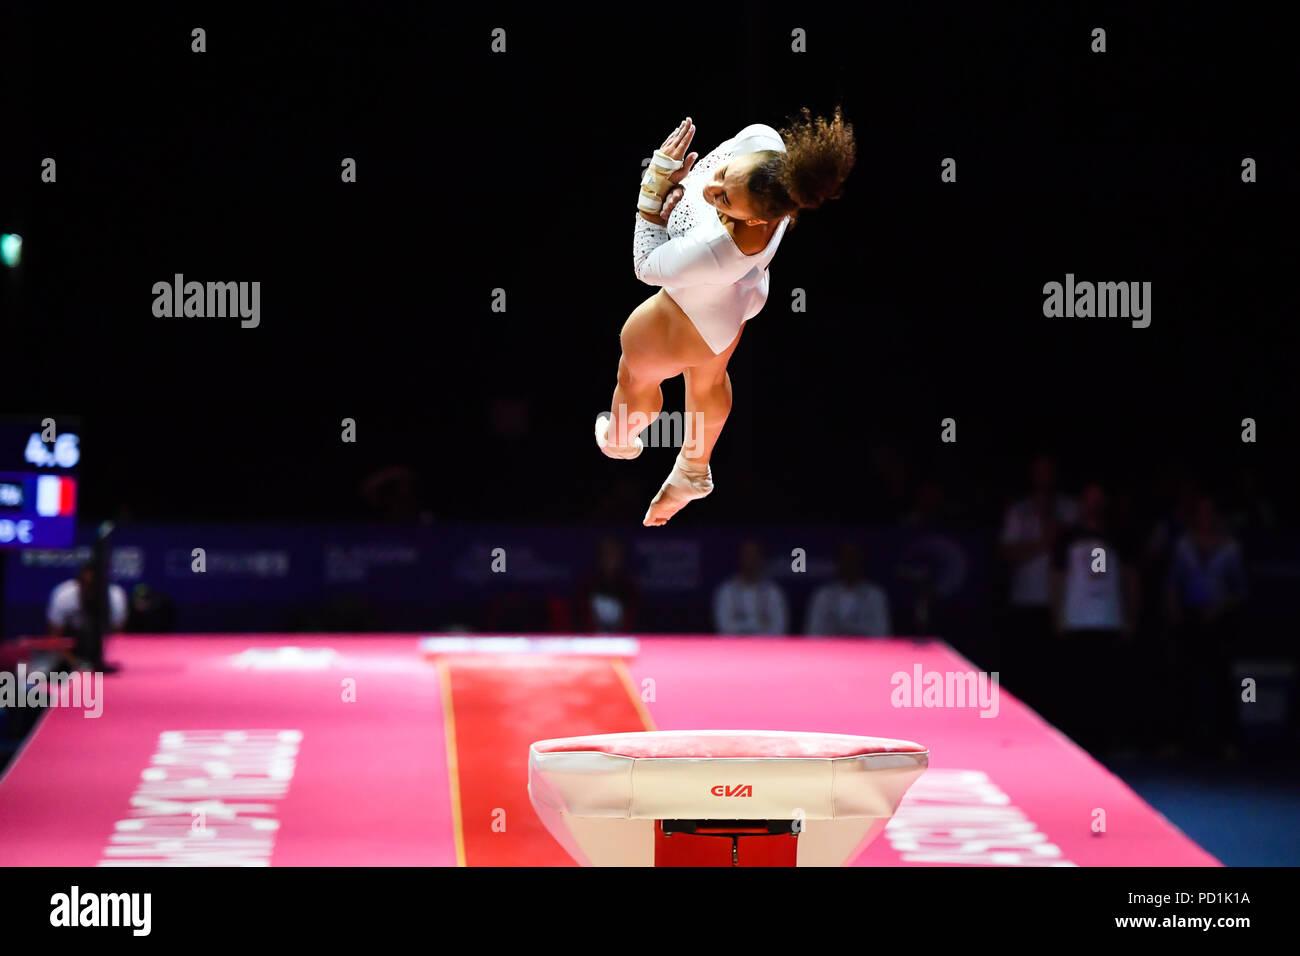 DEVILLARD Coline (FRA) est en concurrence sur la voûte en gymnastique artistique féminine durant la finale de l'appareil European Championships 2018 Glasgow à l'Hydro SSE le dimanche, 05 août 2018. GLASGOW ECOSSE . Credit: Taka G Wu Photo Stock